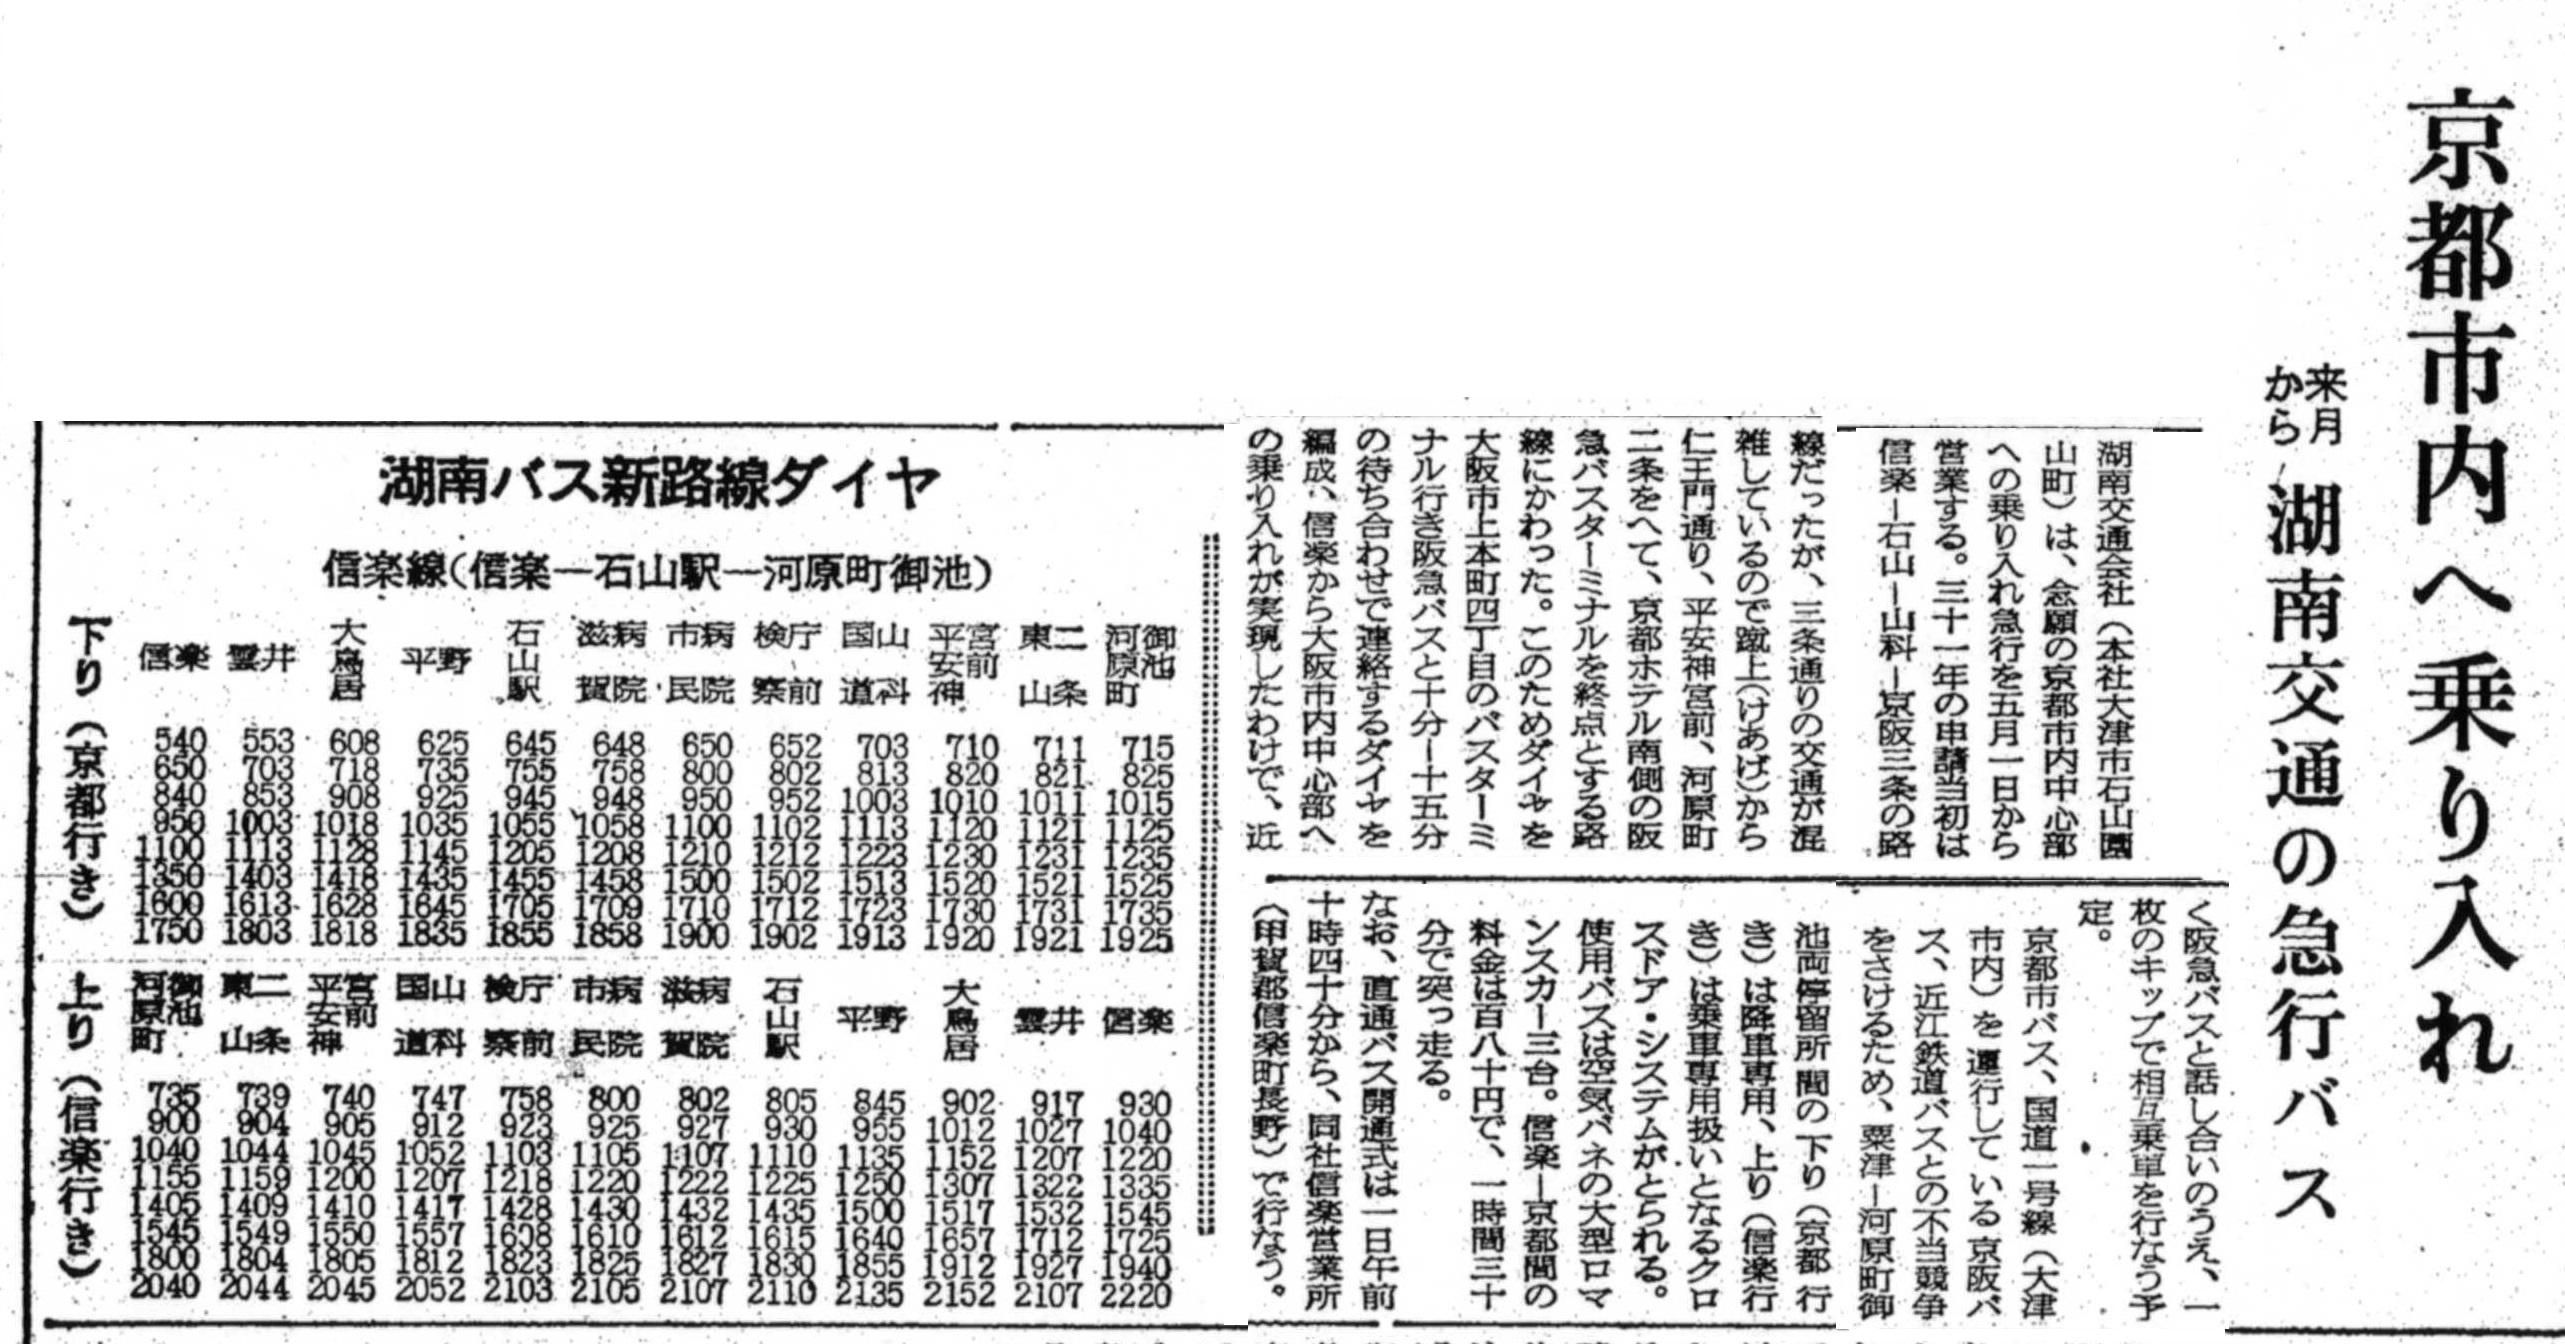 S37.4.29Sa 湖南交通信楽‐京都線開通b